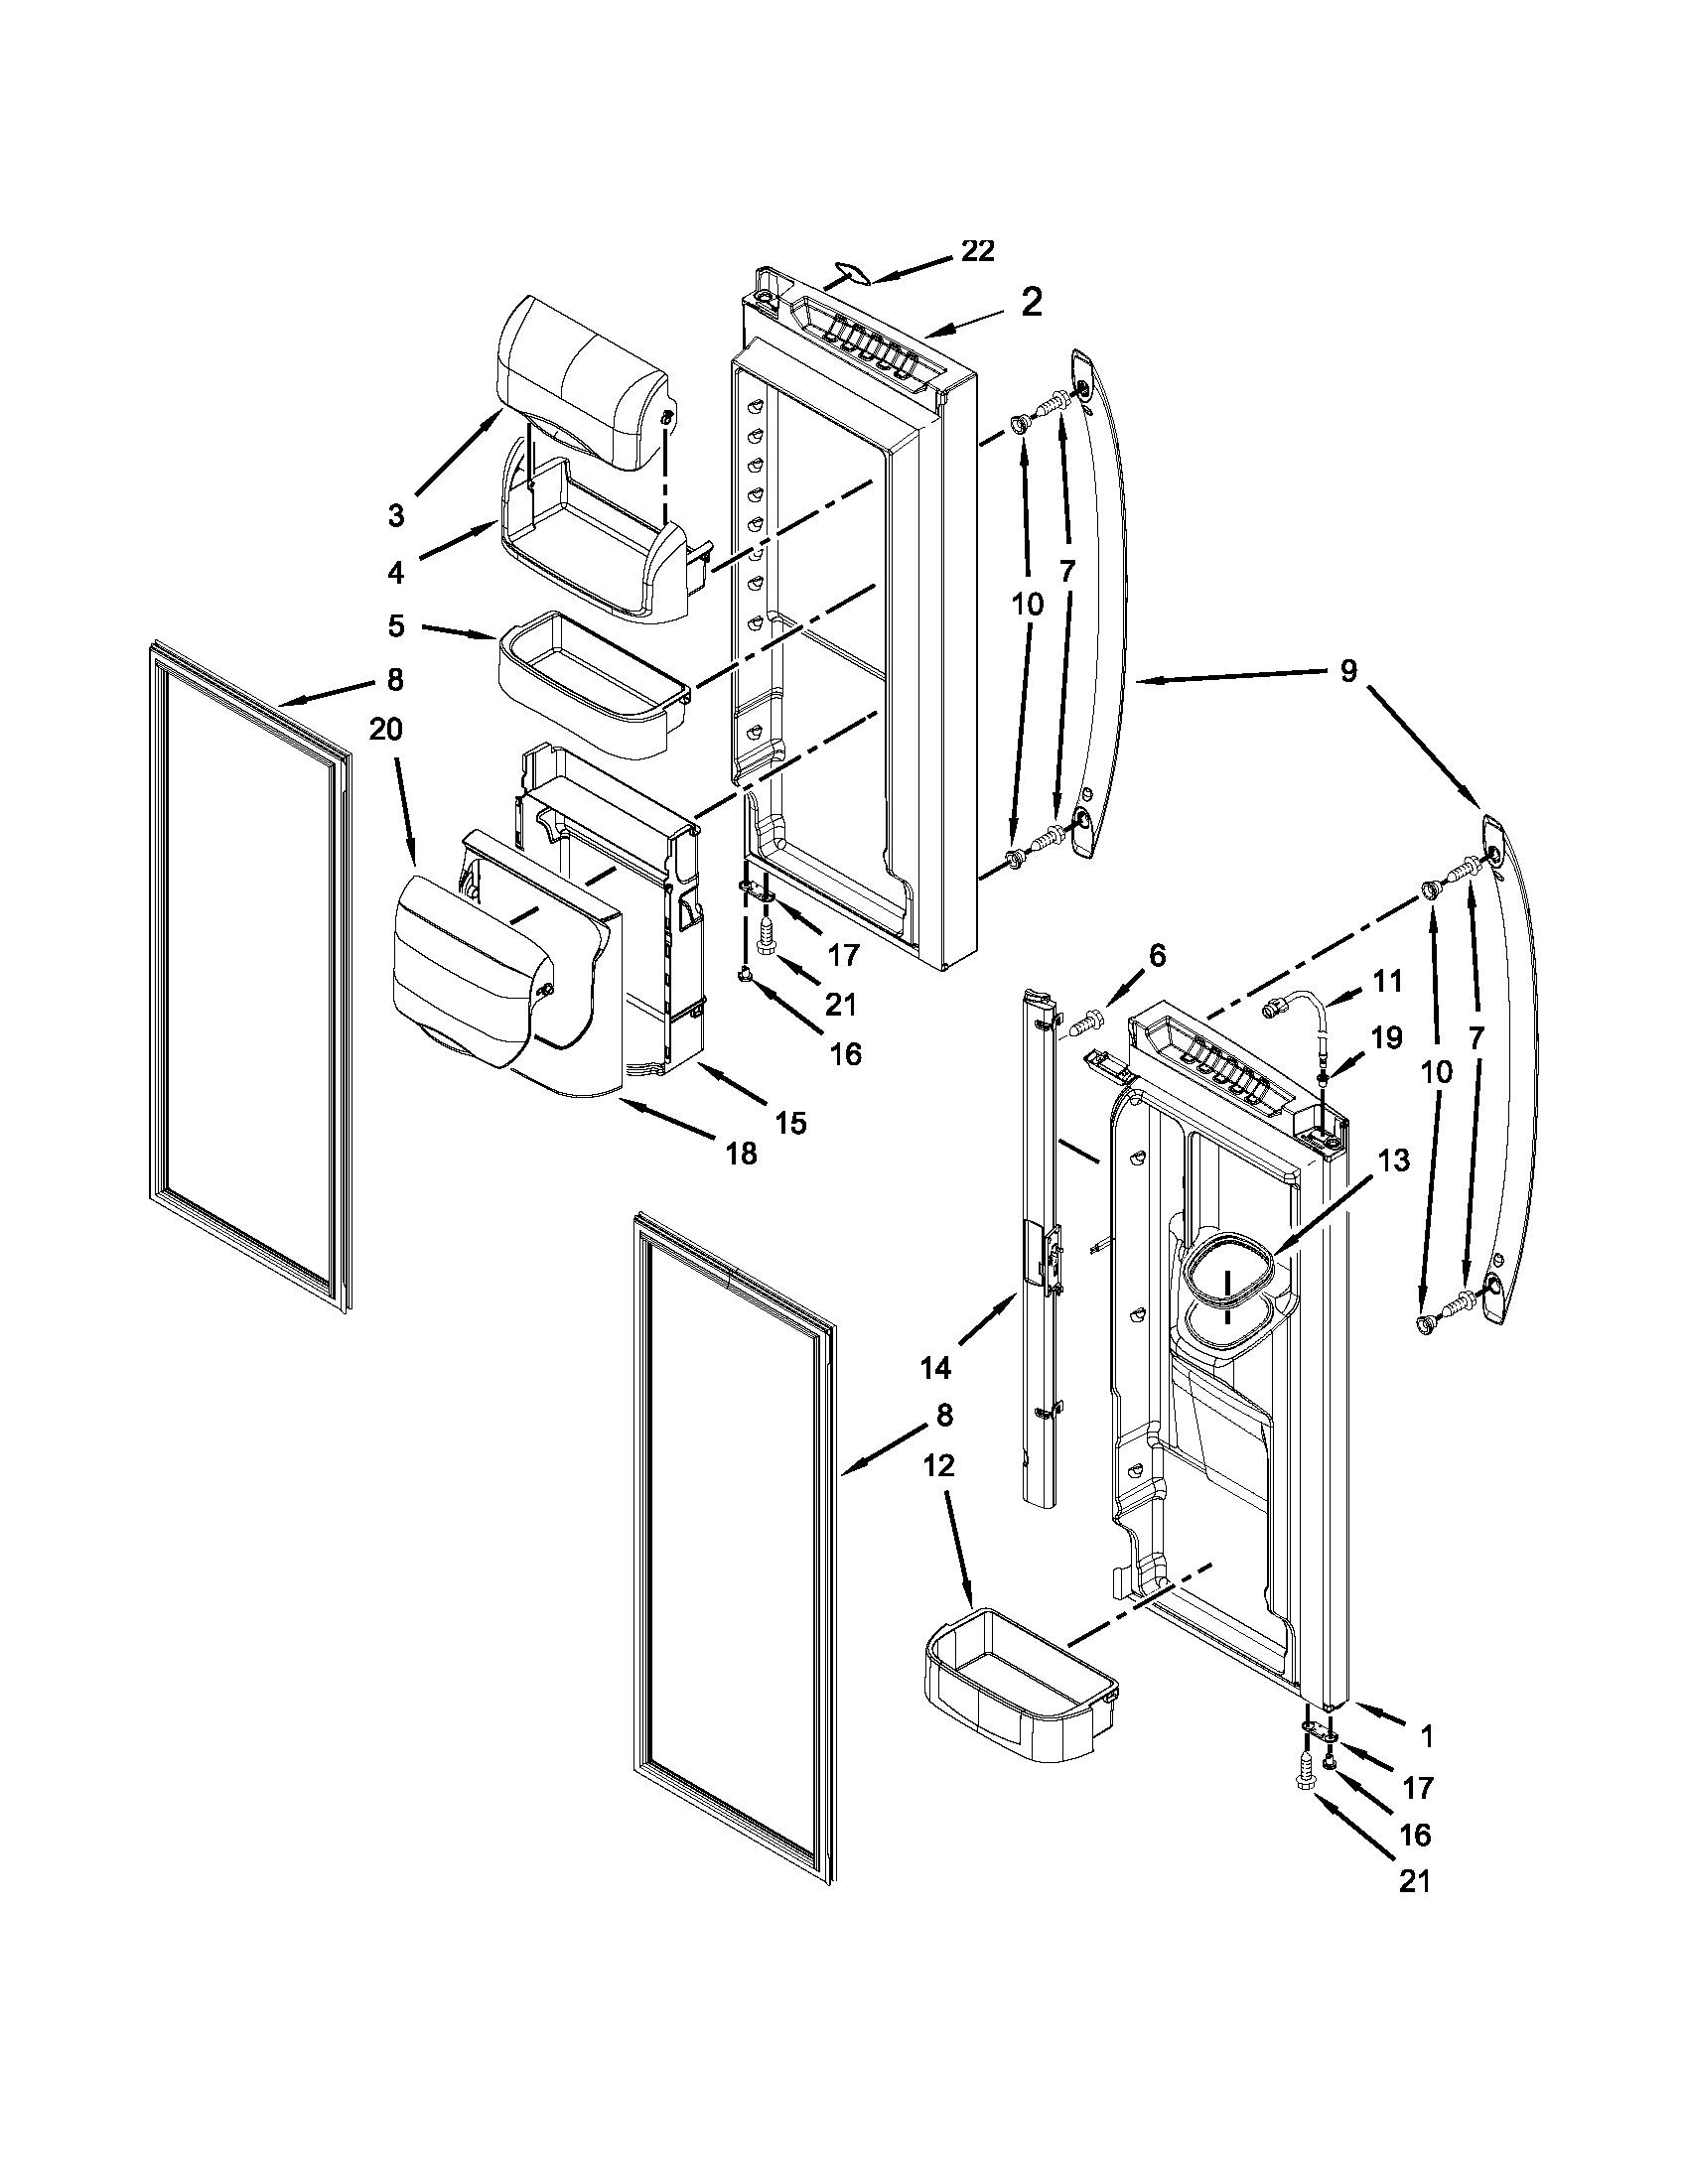 Maytag model MFI2269VEM10 bottom-mount refrigerator